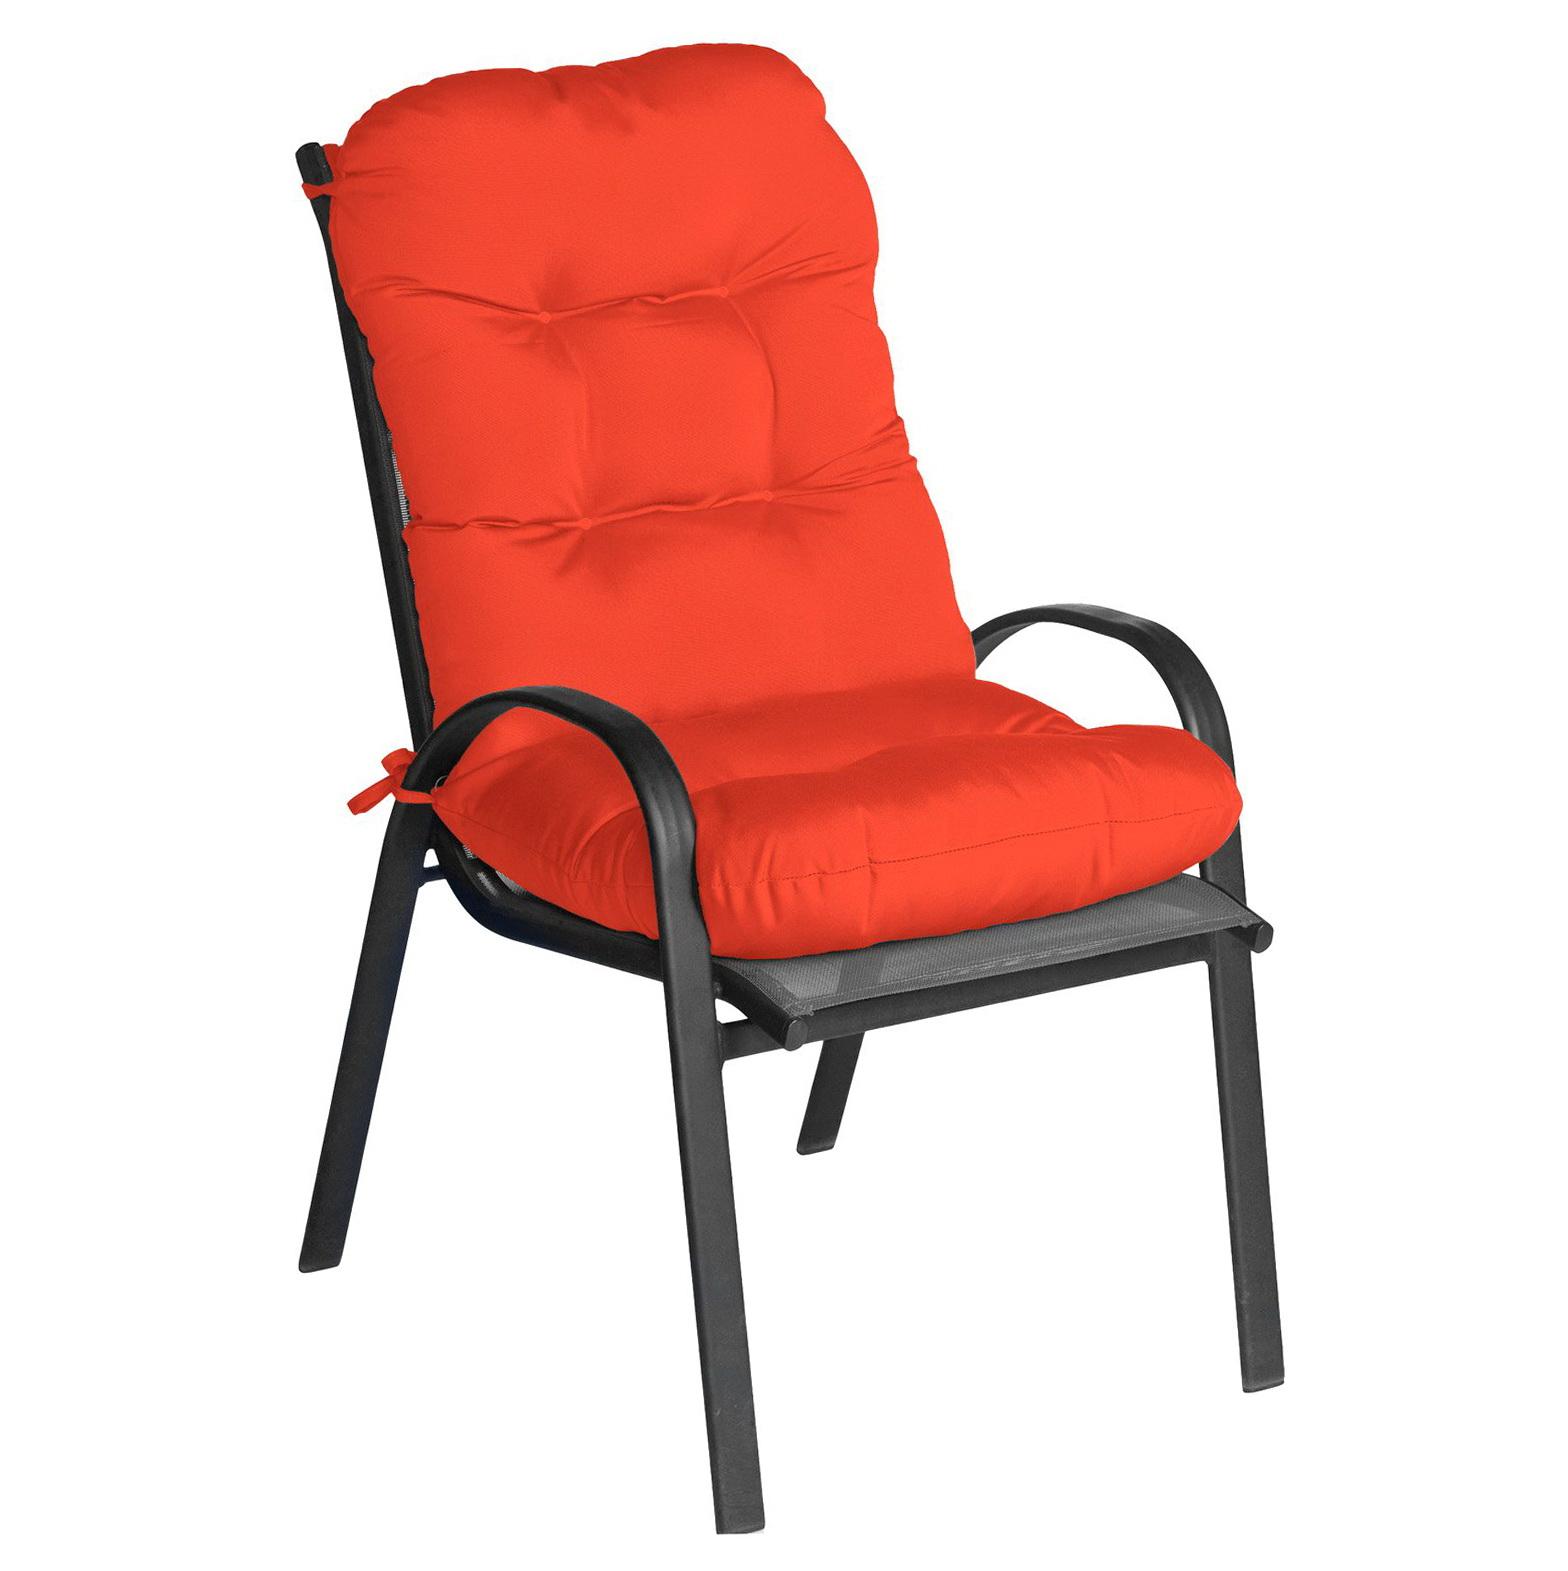 Red Chair Cushions Walmart Home Design Ideas